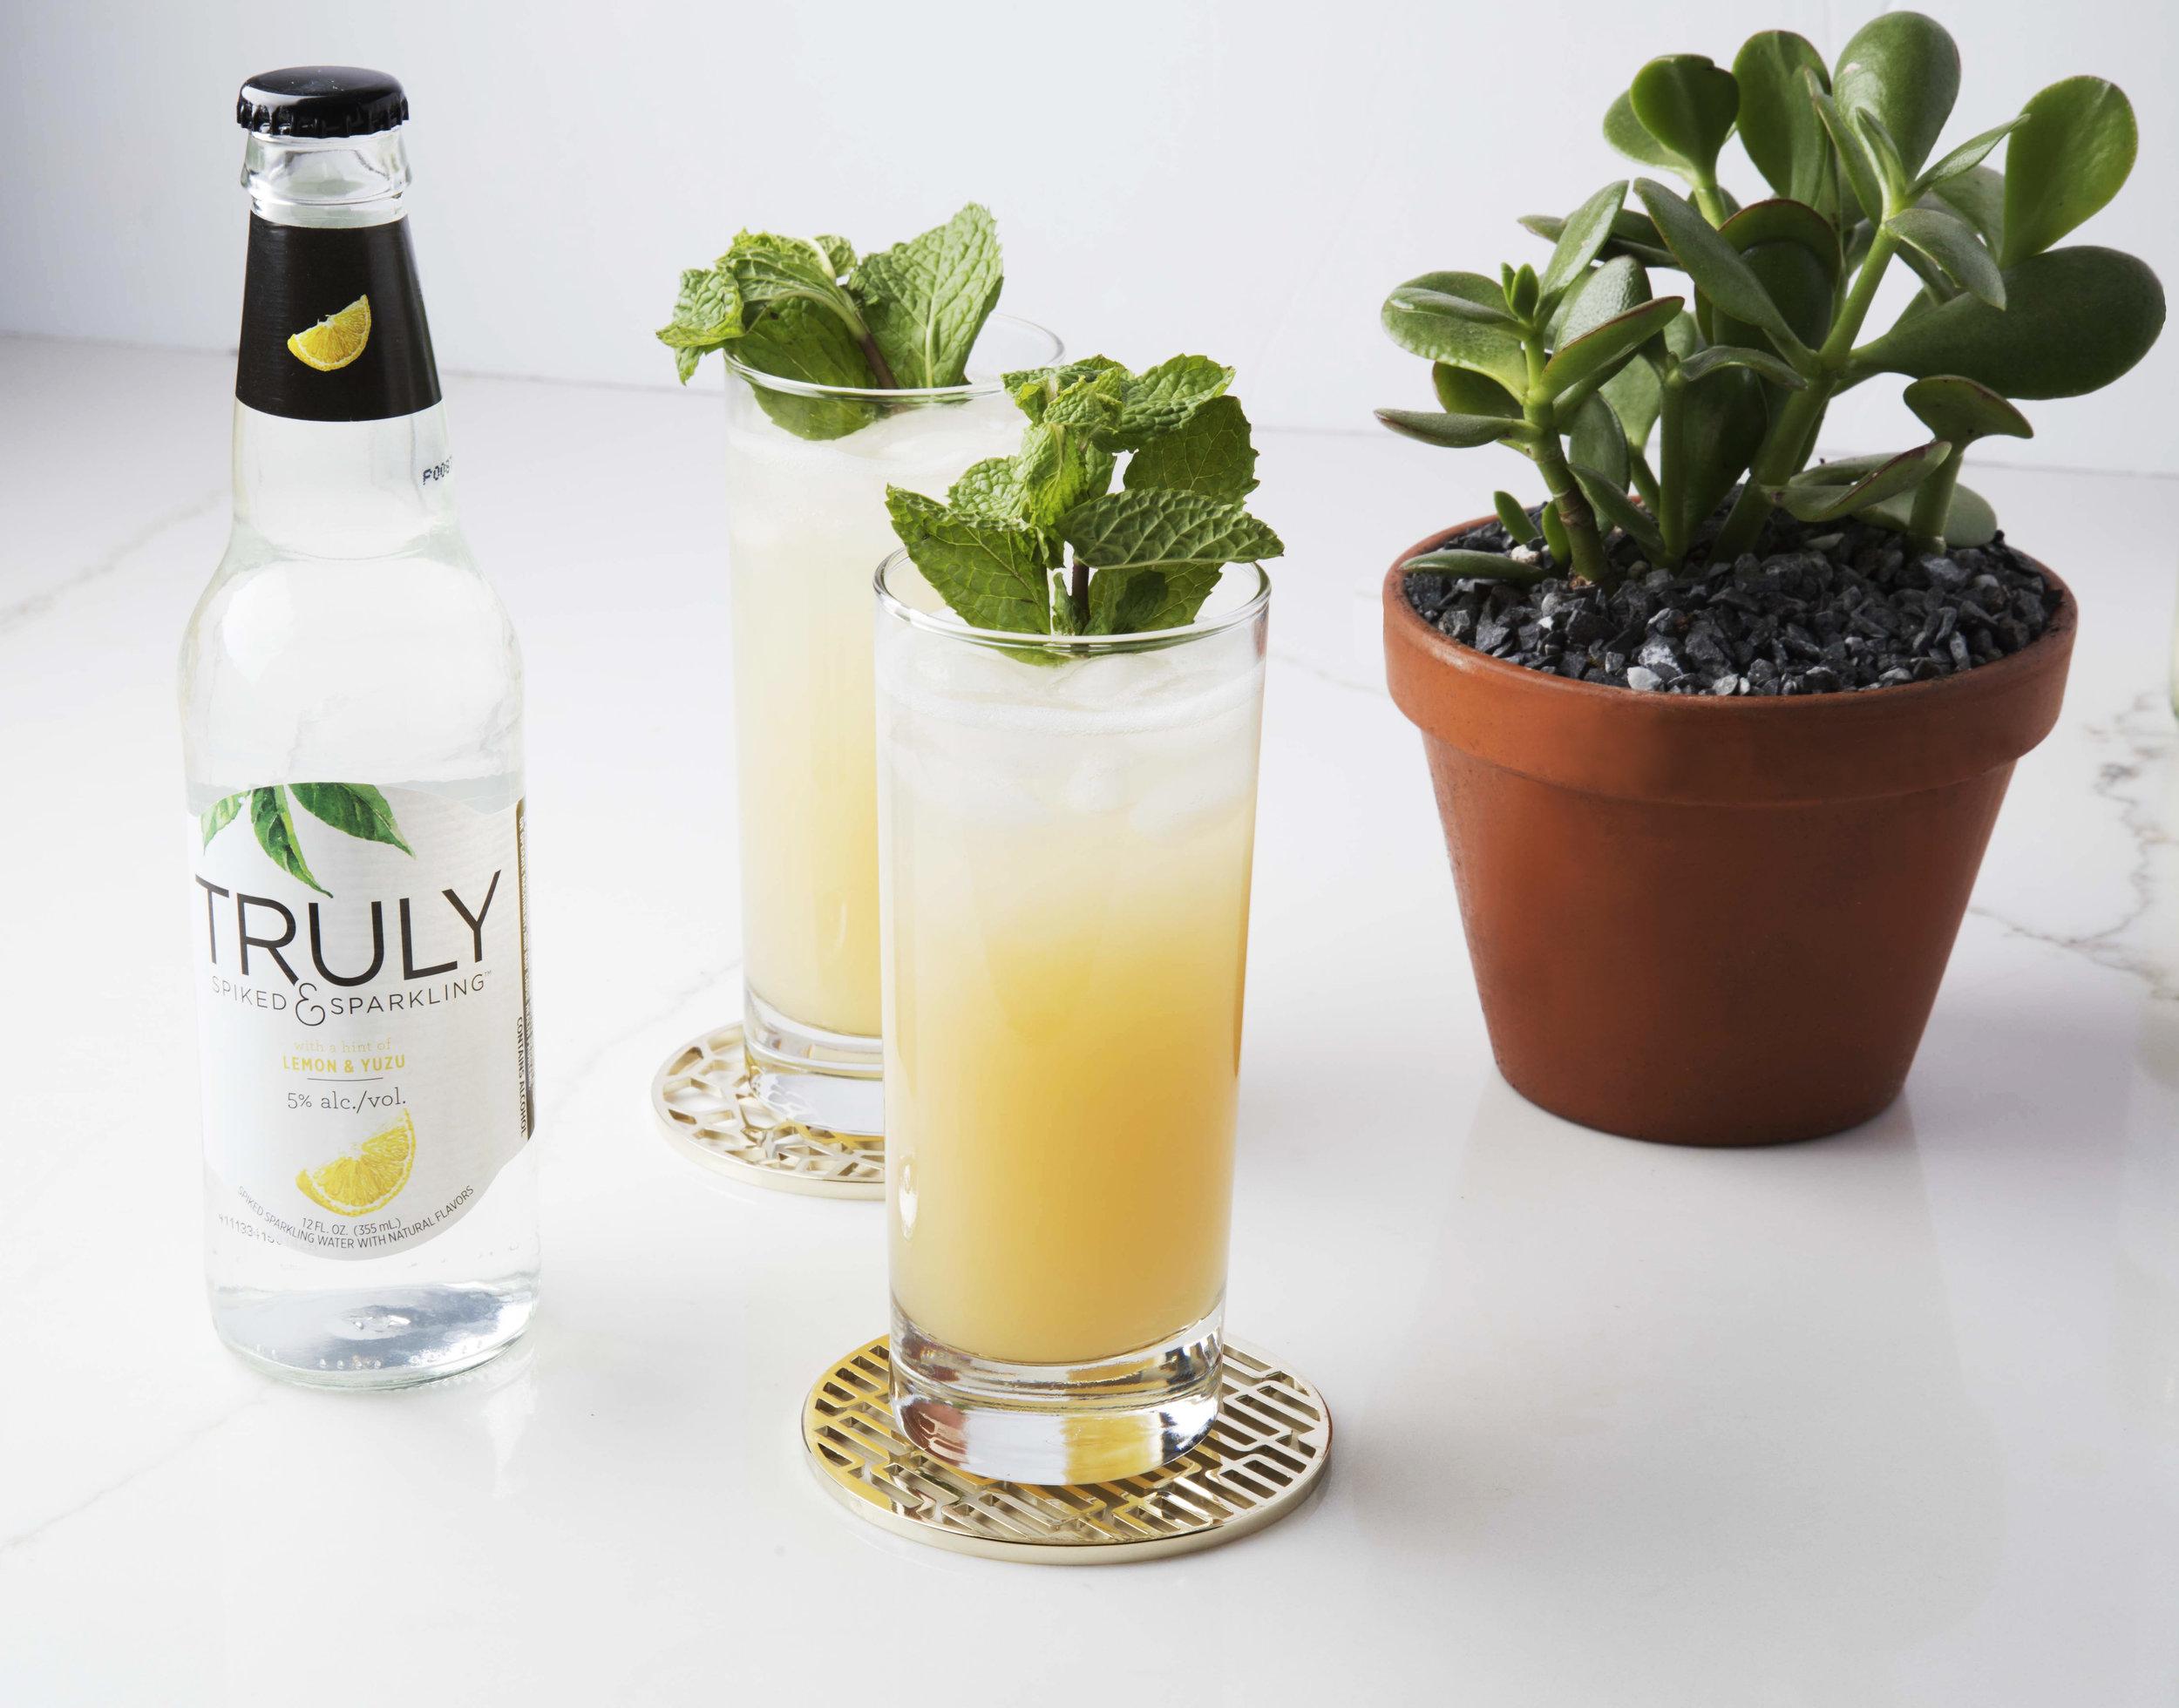 Truly Apertif Lemonade.jpg